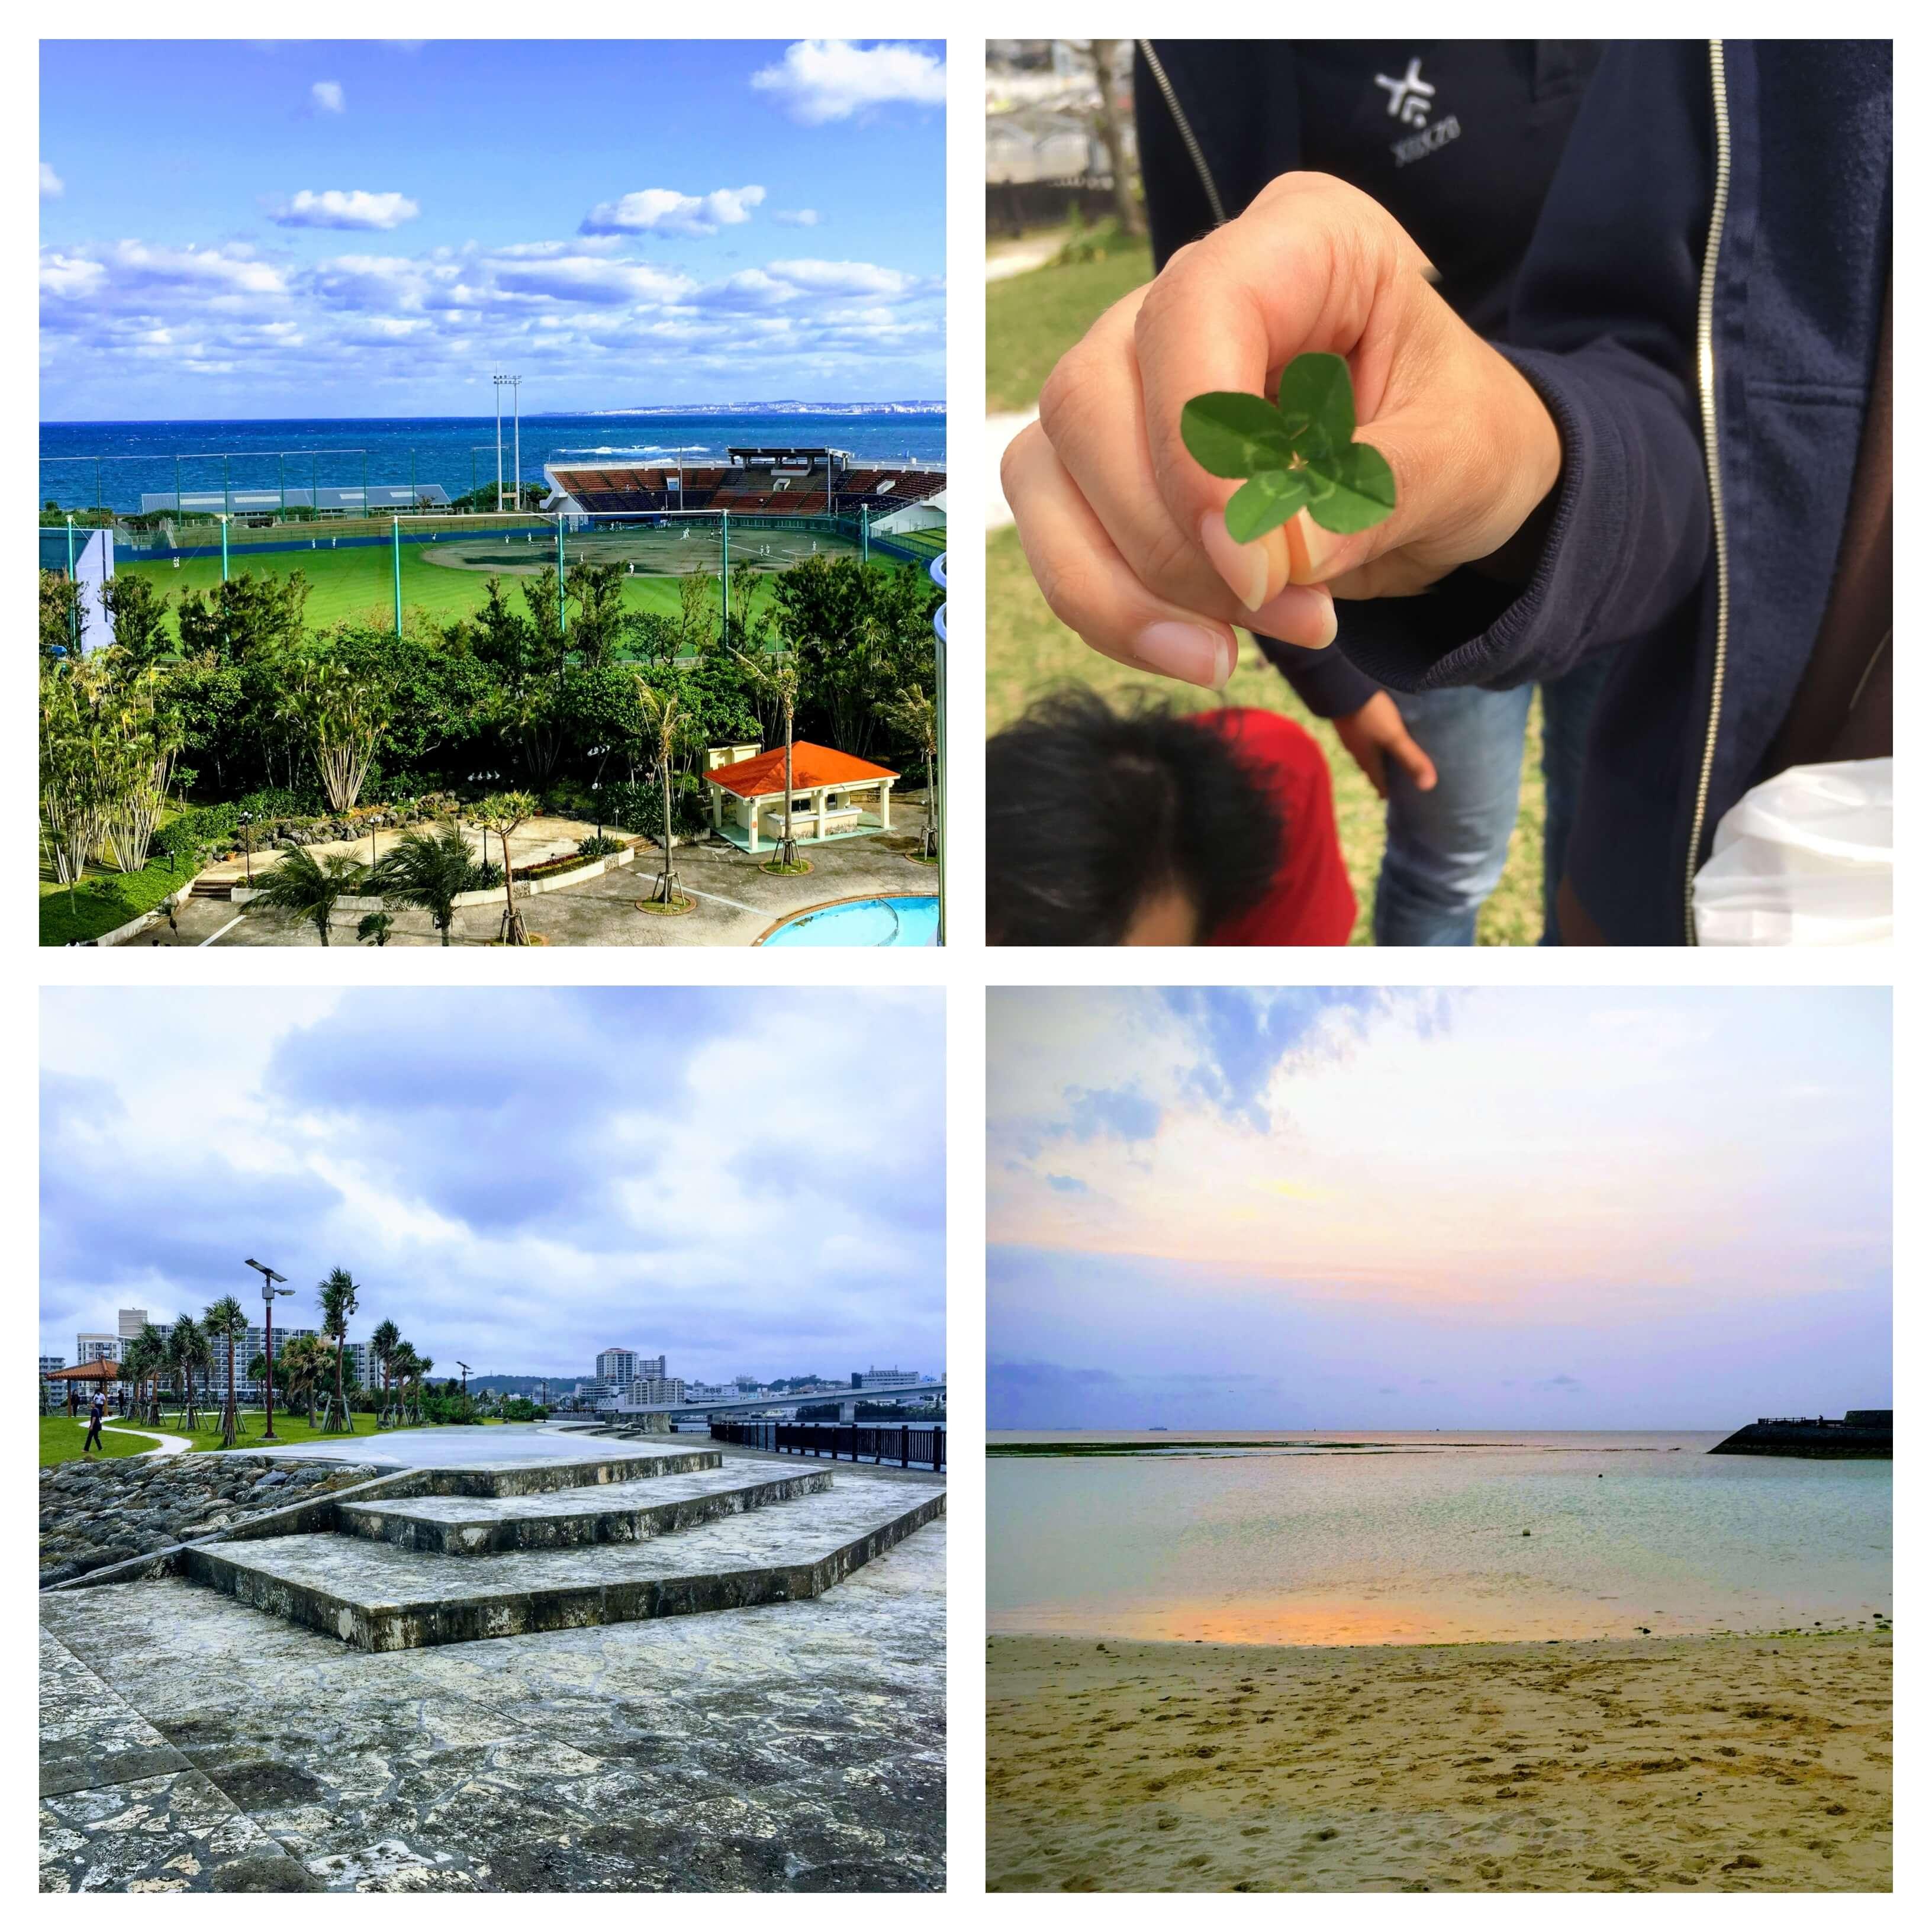 Views of Okinawa